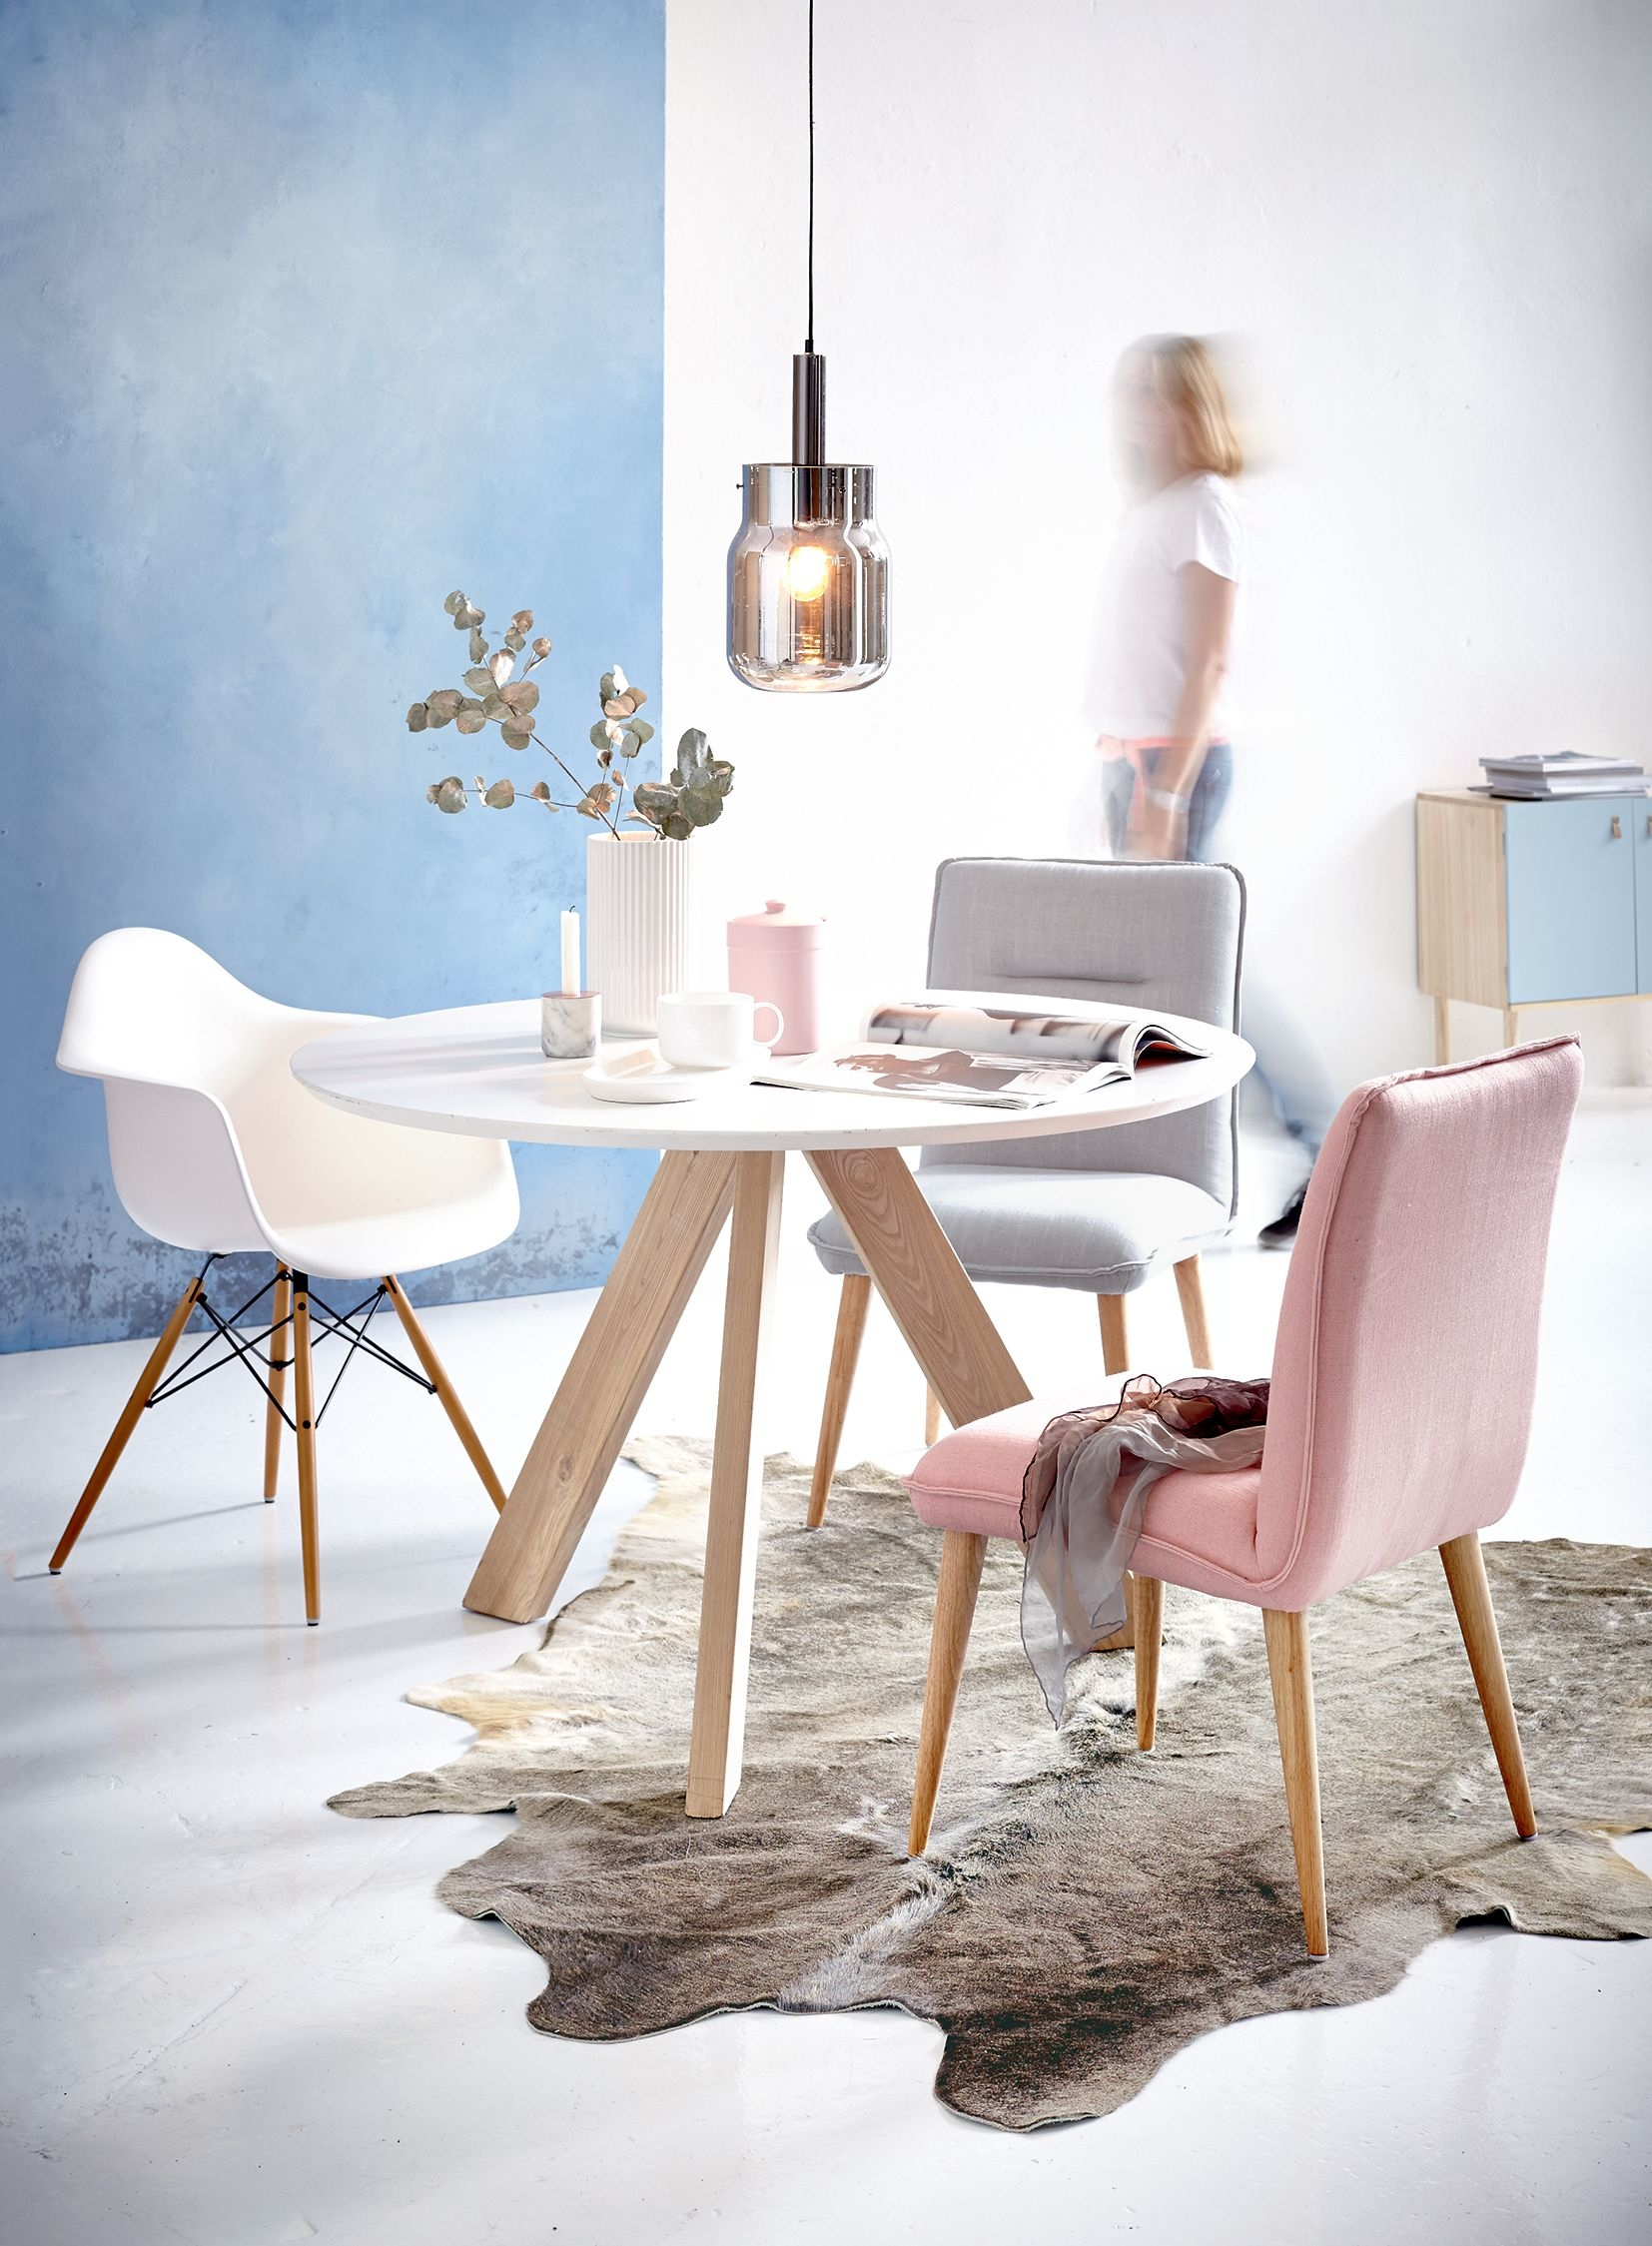 Sitzecke in Pastell-Tönen im skandinavischen Stil.